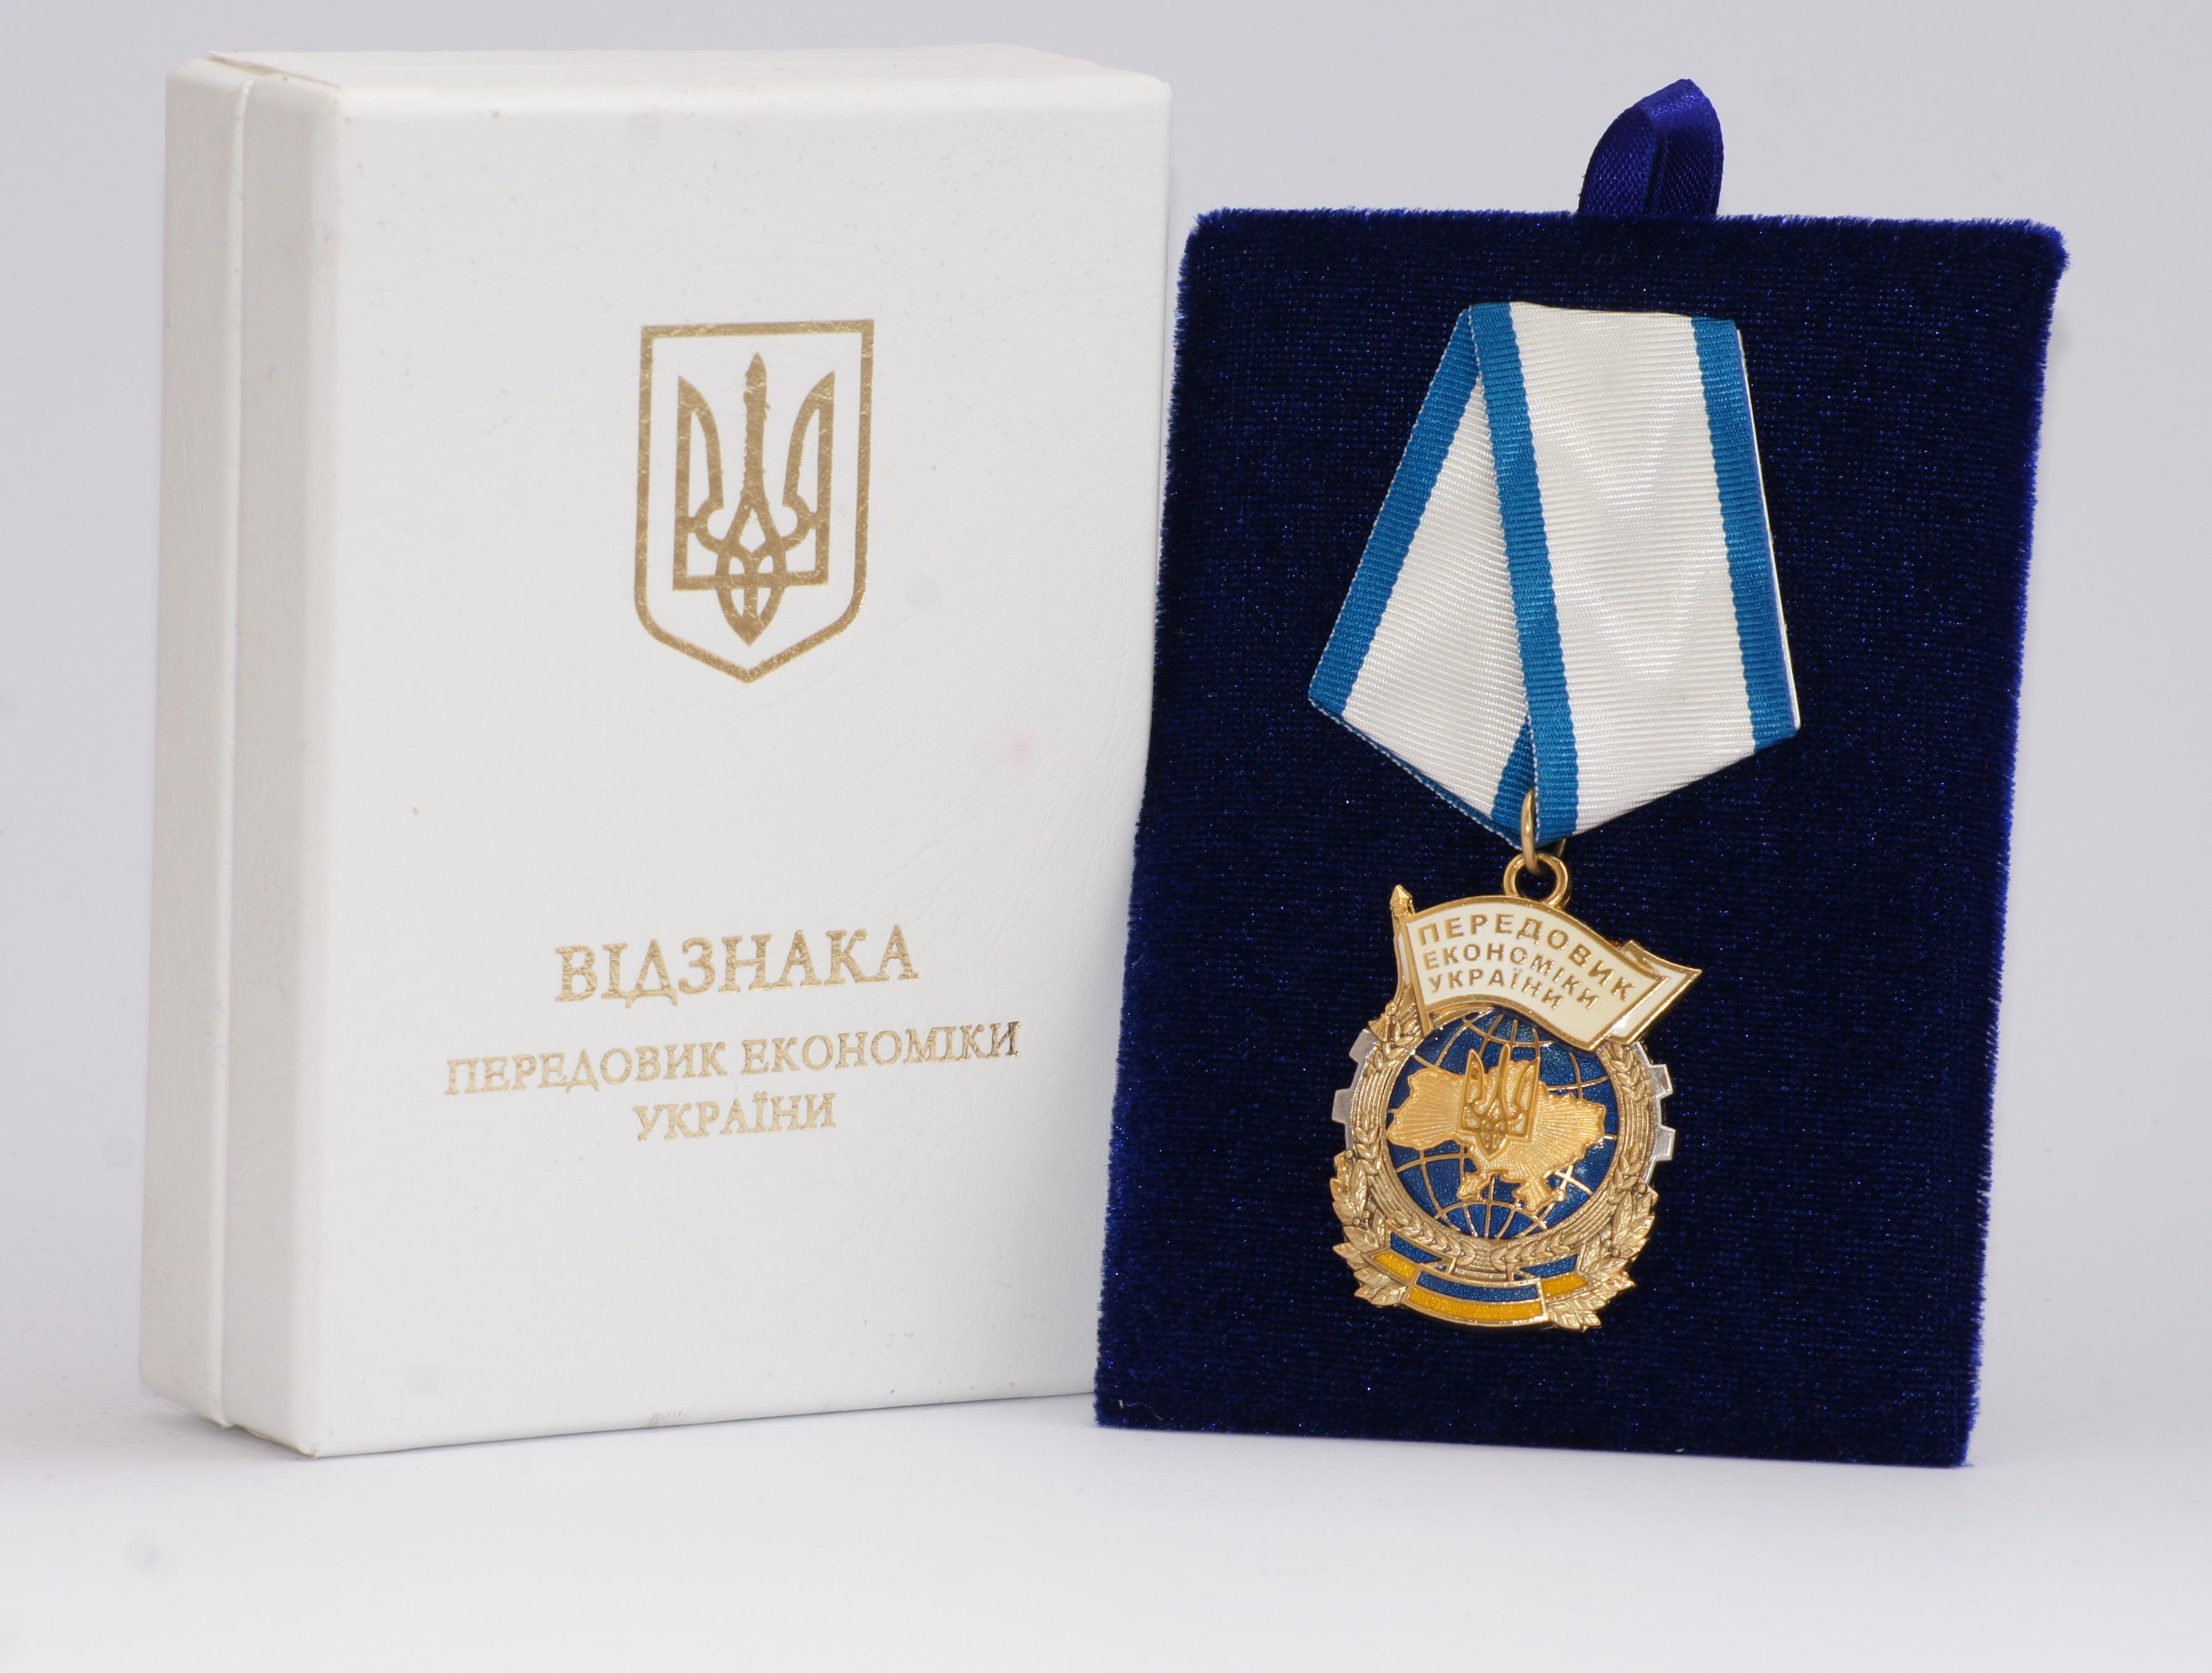 Орден «Передовик економіки України»